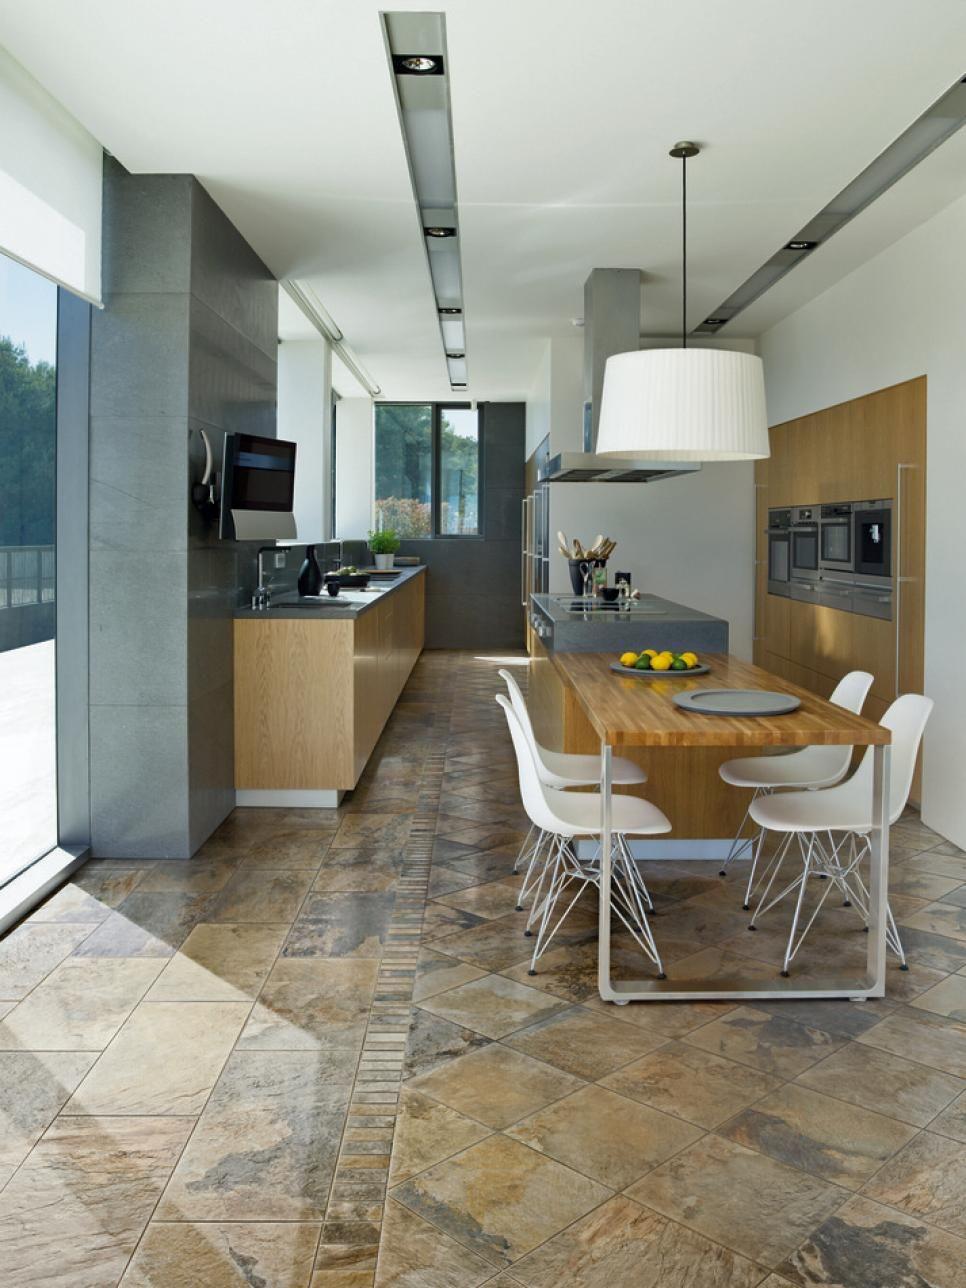 Küchenideen fliesenboden pin von küche deko auf küche  pinterest  fliesen küchenfliesen